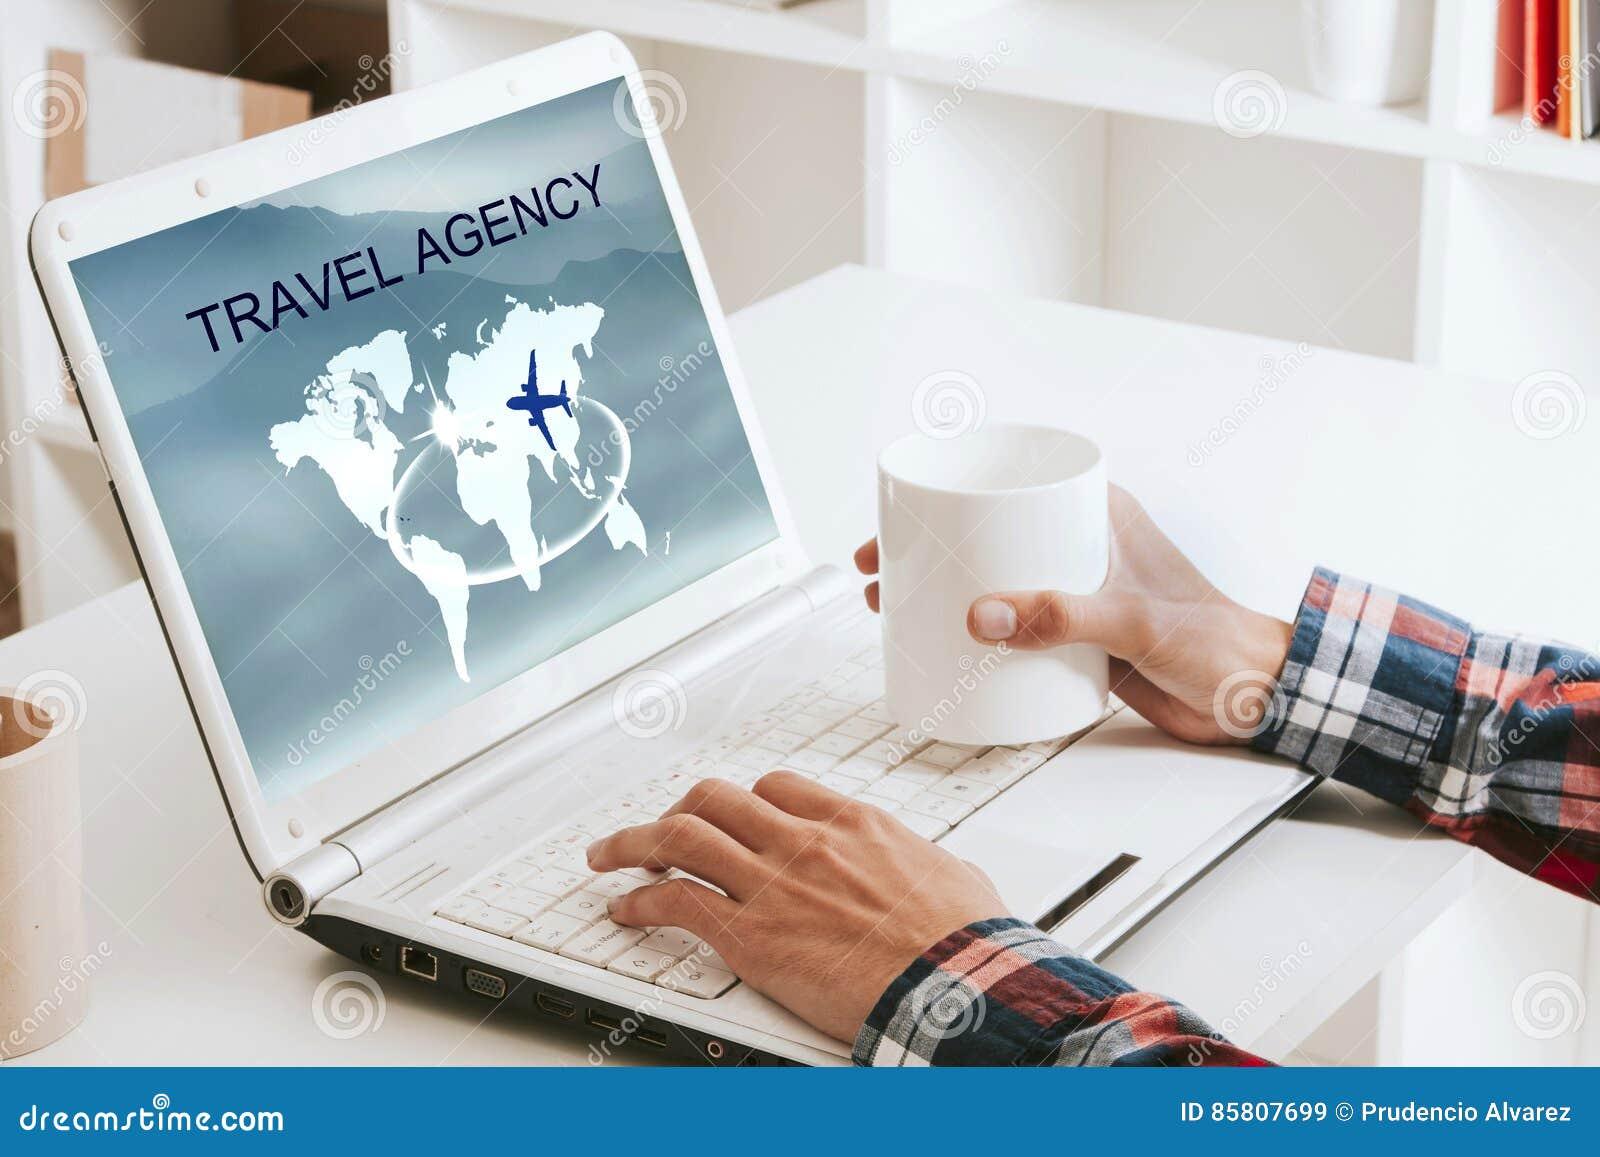 Agencja podróży